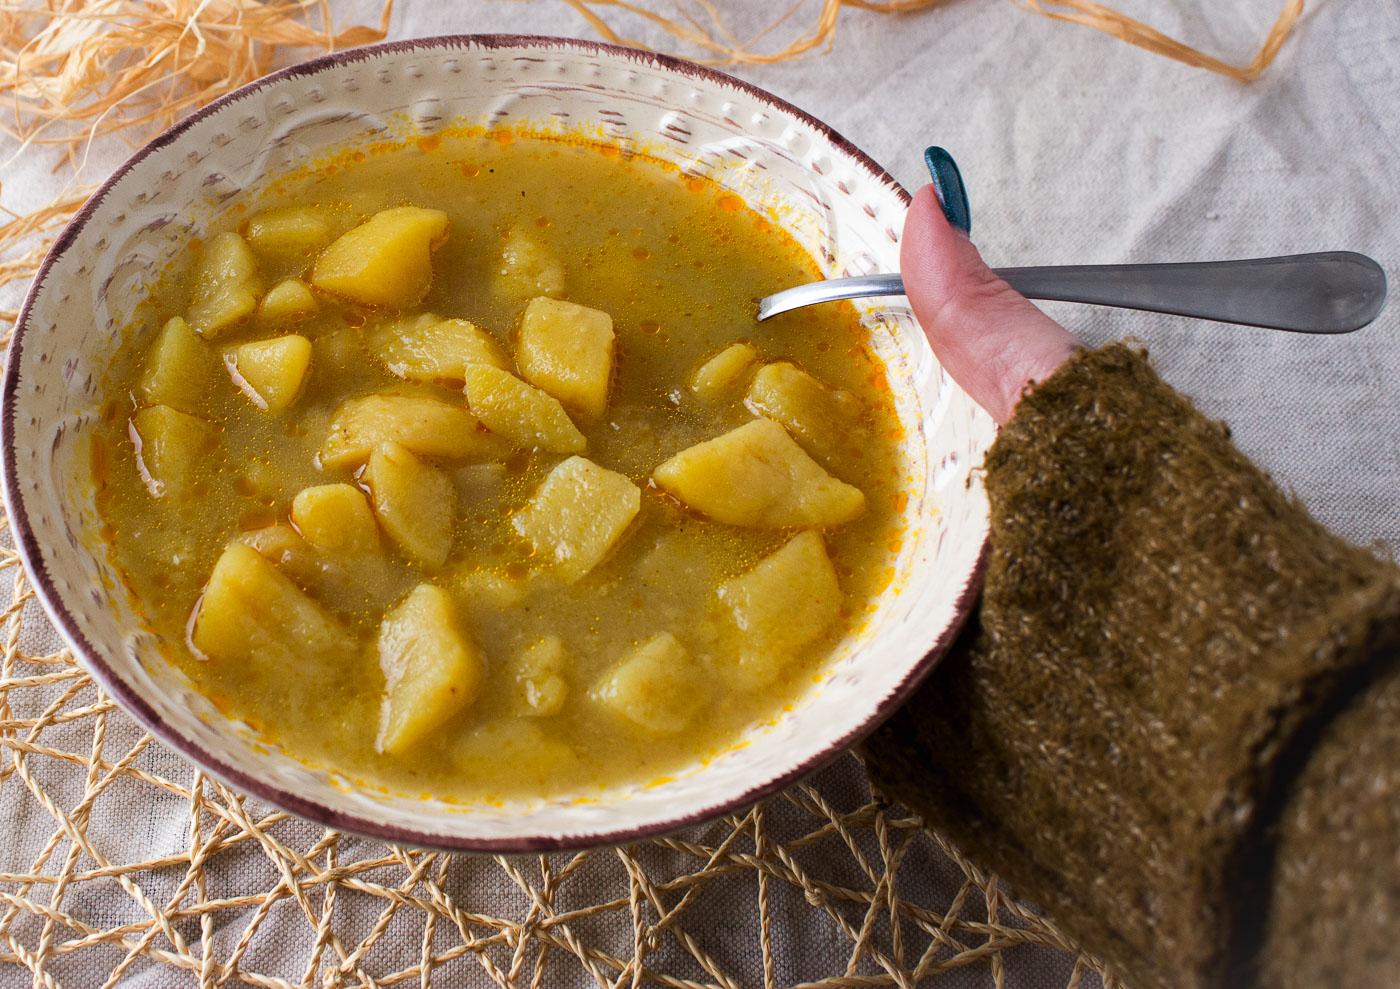 zuppa di patate indiana